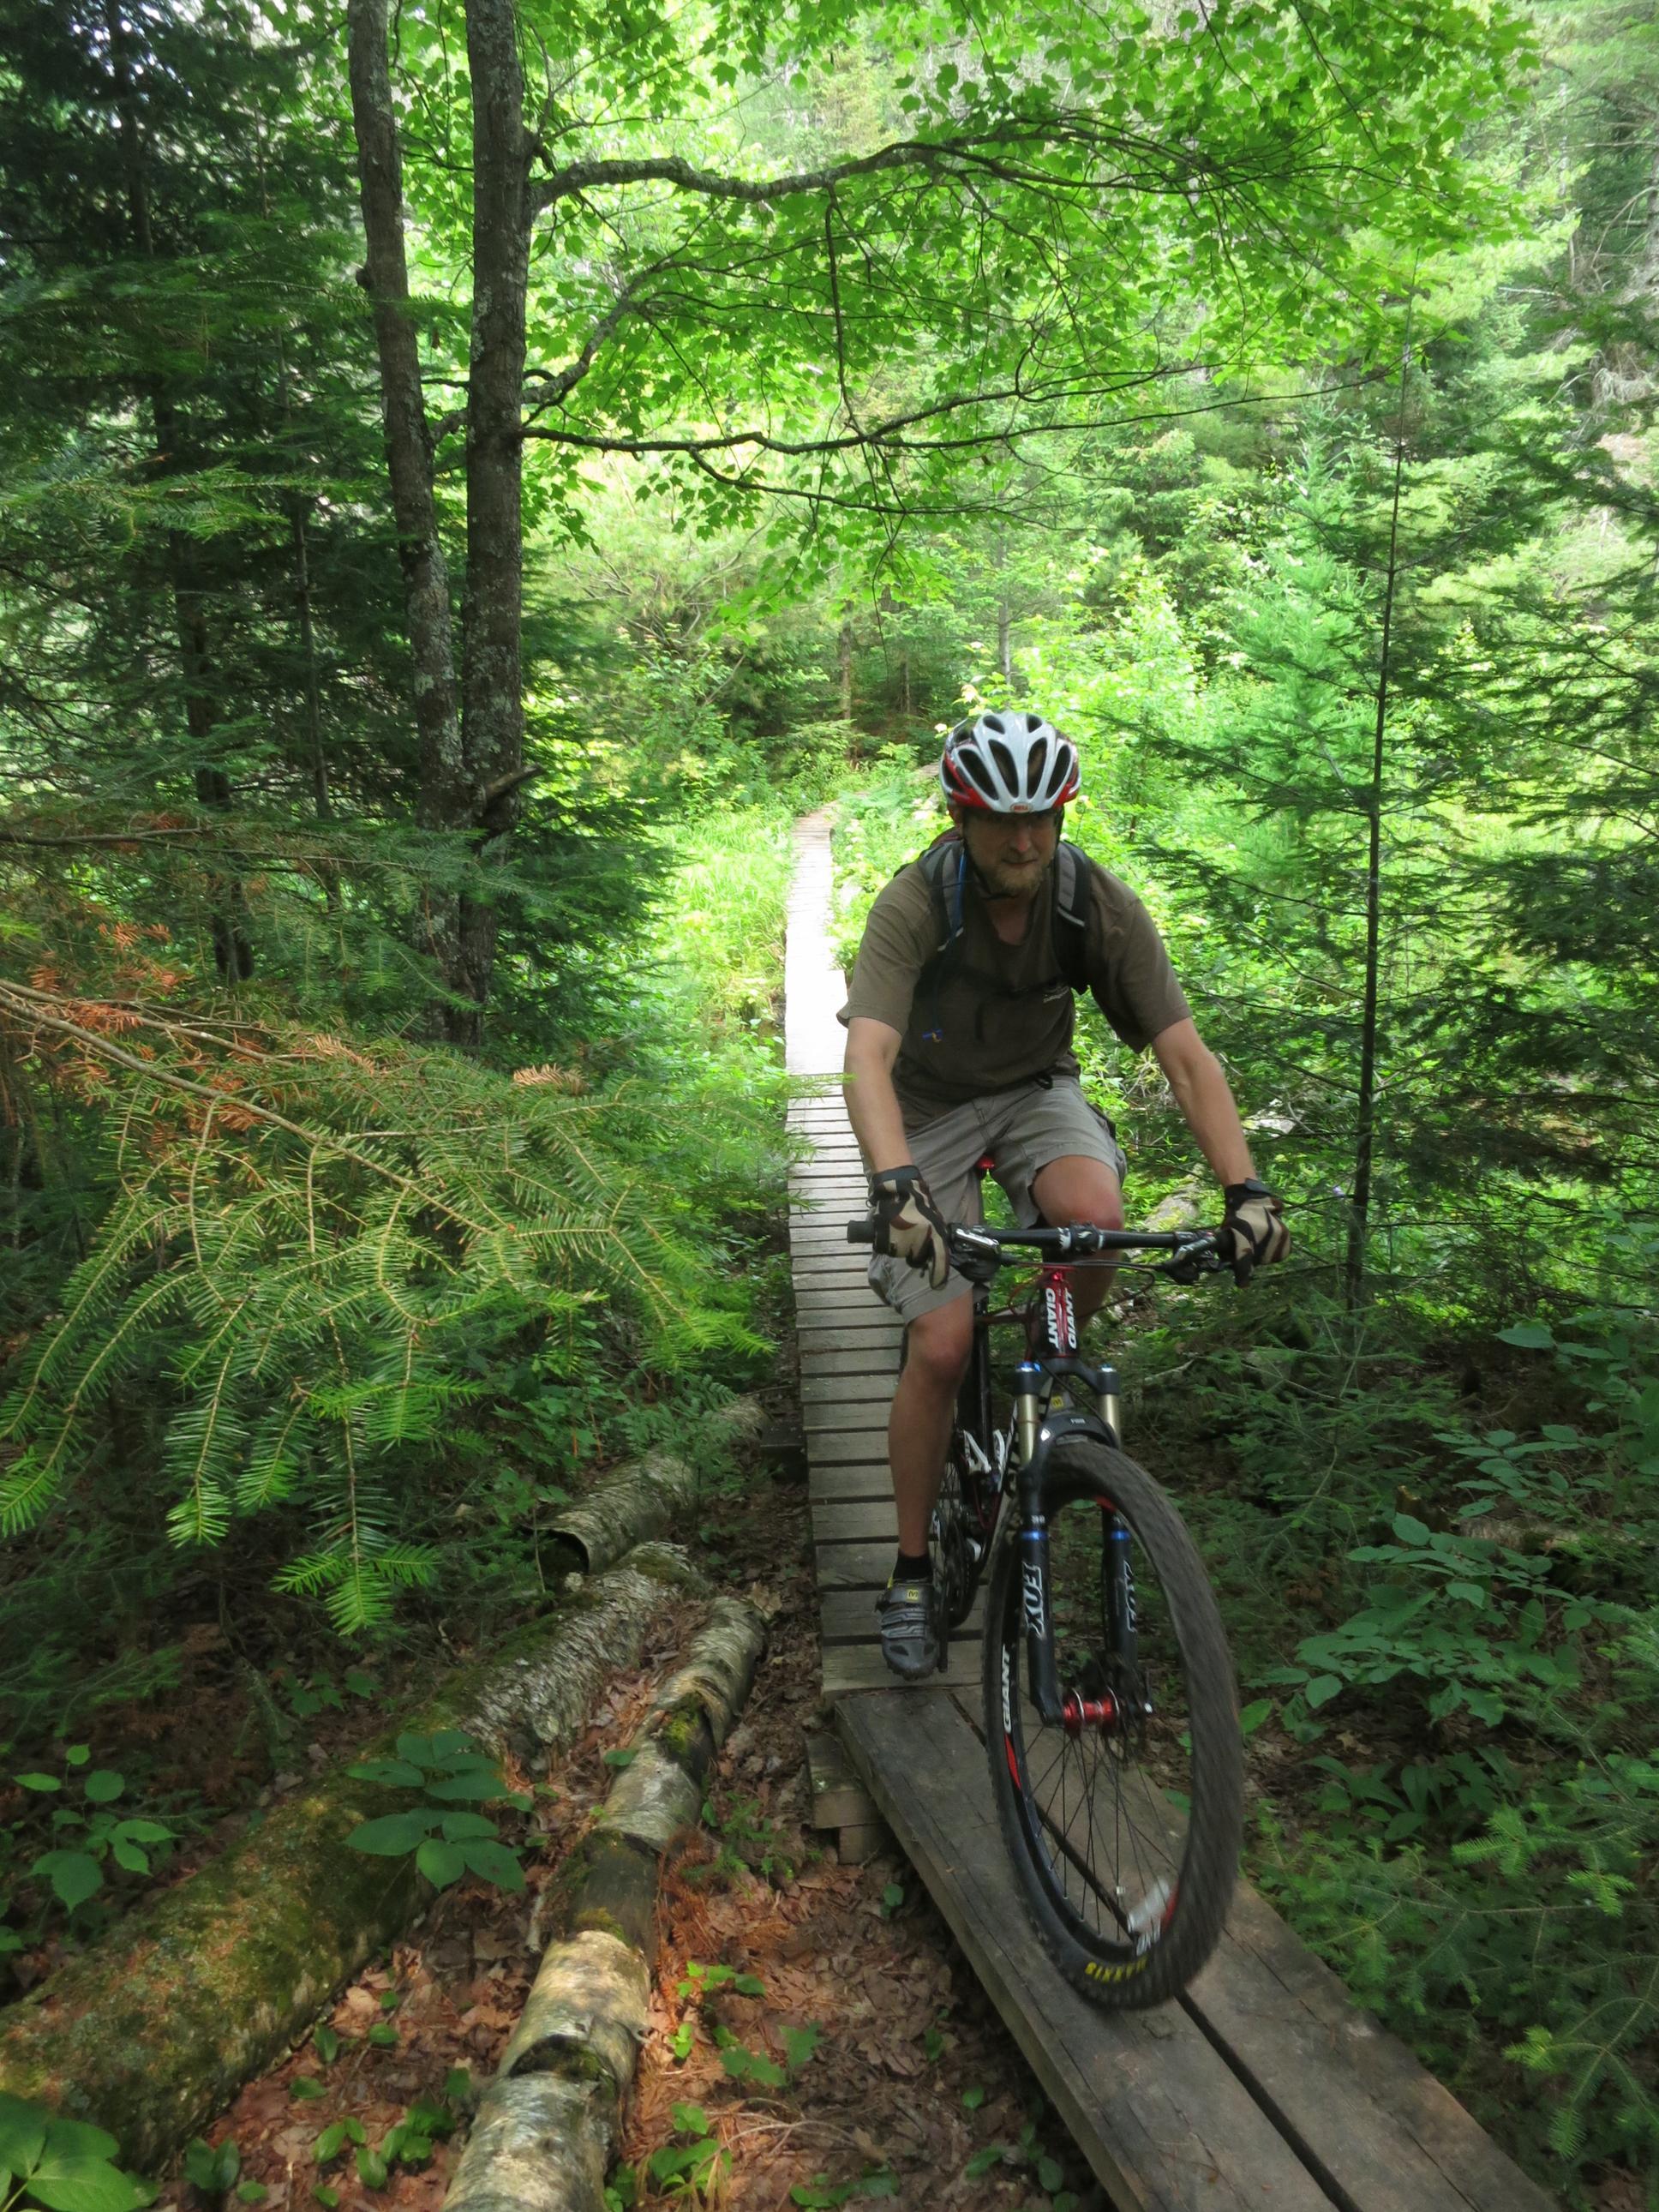 Wisconsin trail riding bike fun outdoors